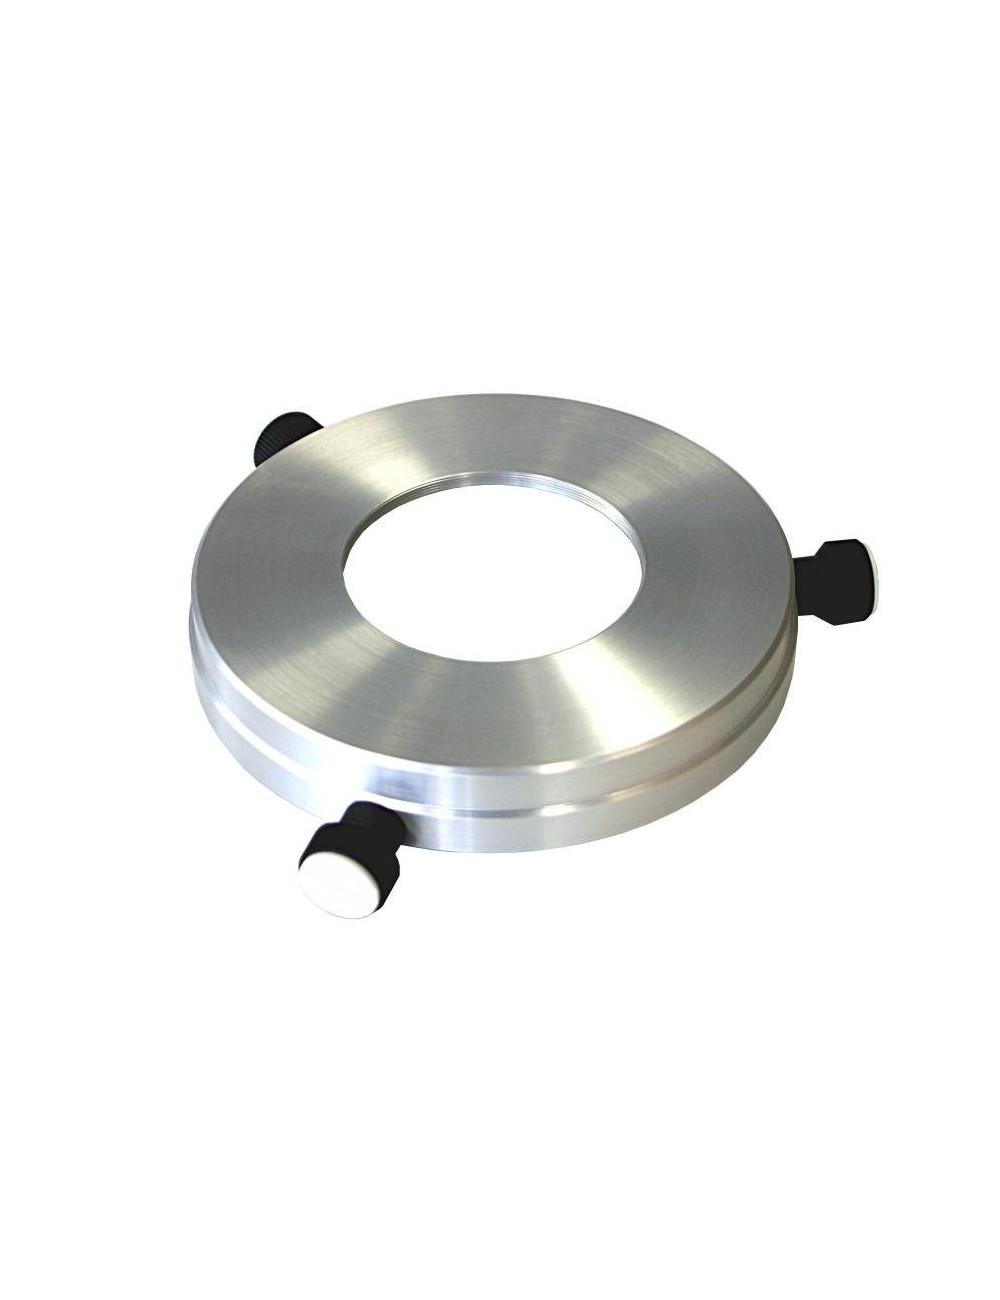 Adaptateur pour filtres solaires LUNT LS50/60FHa pour instrument avec un diamètre extérieur entre 201 et 225mm